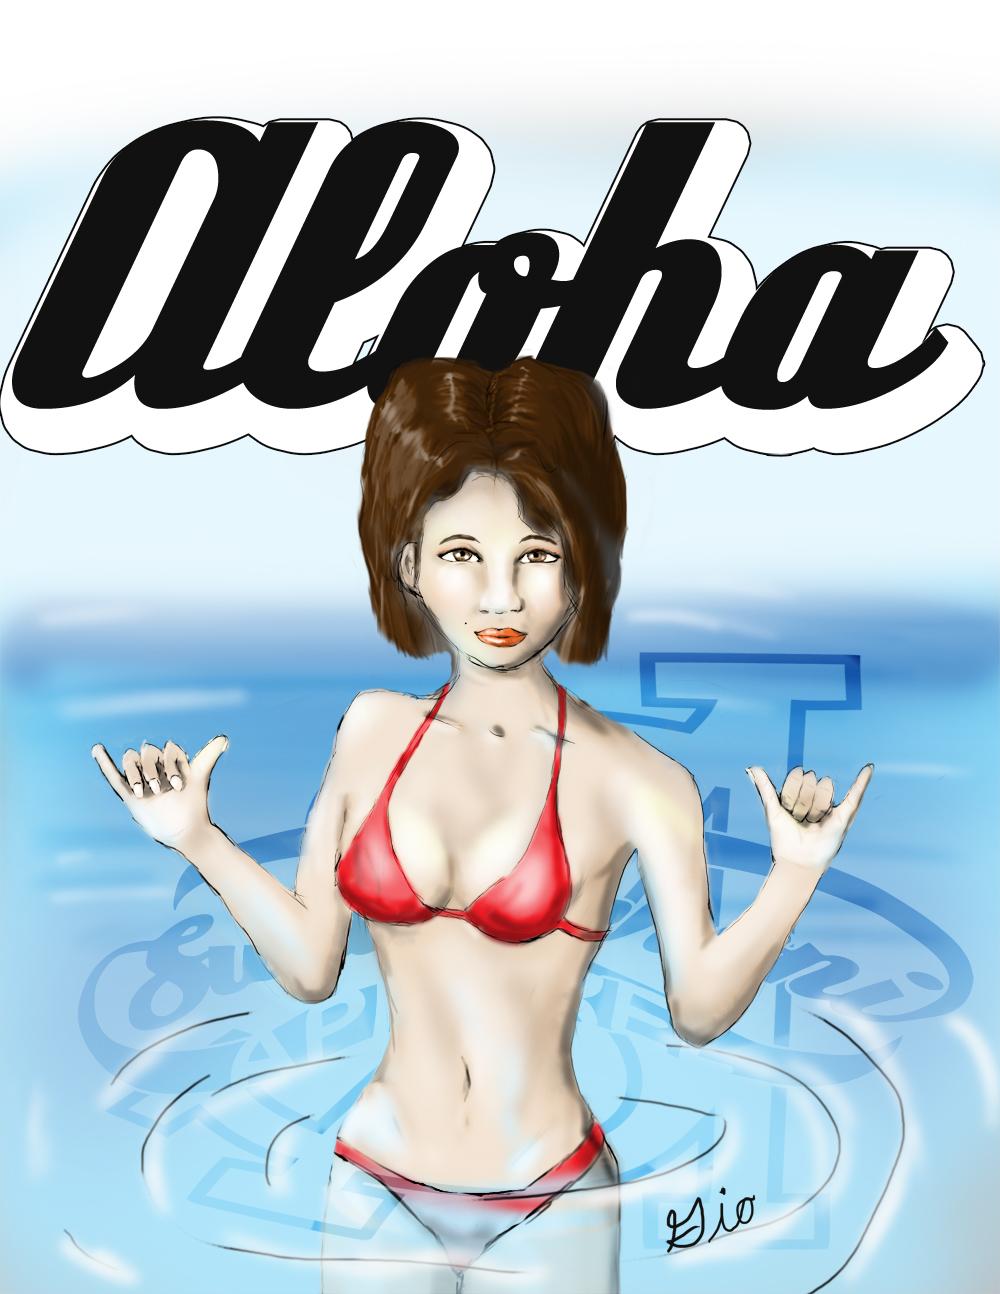 Bikini Girl in a Pool